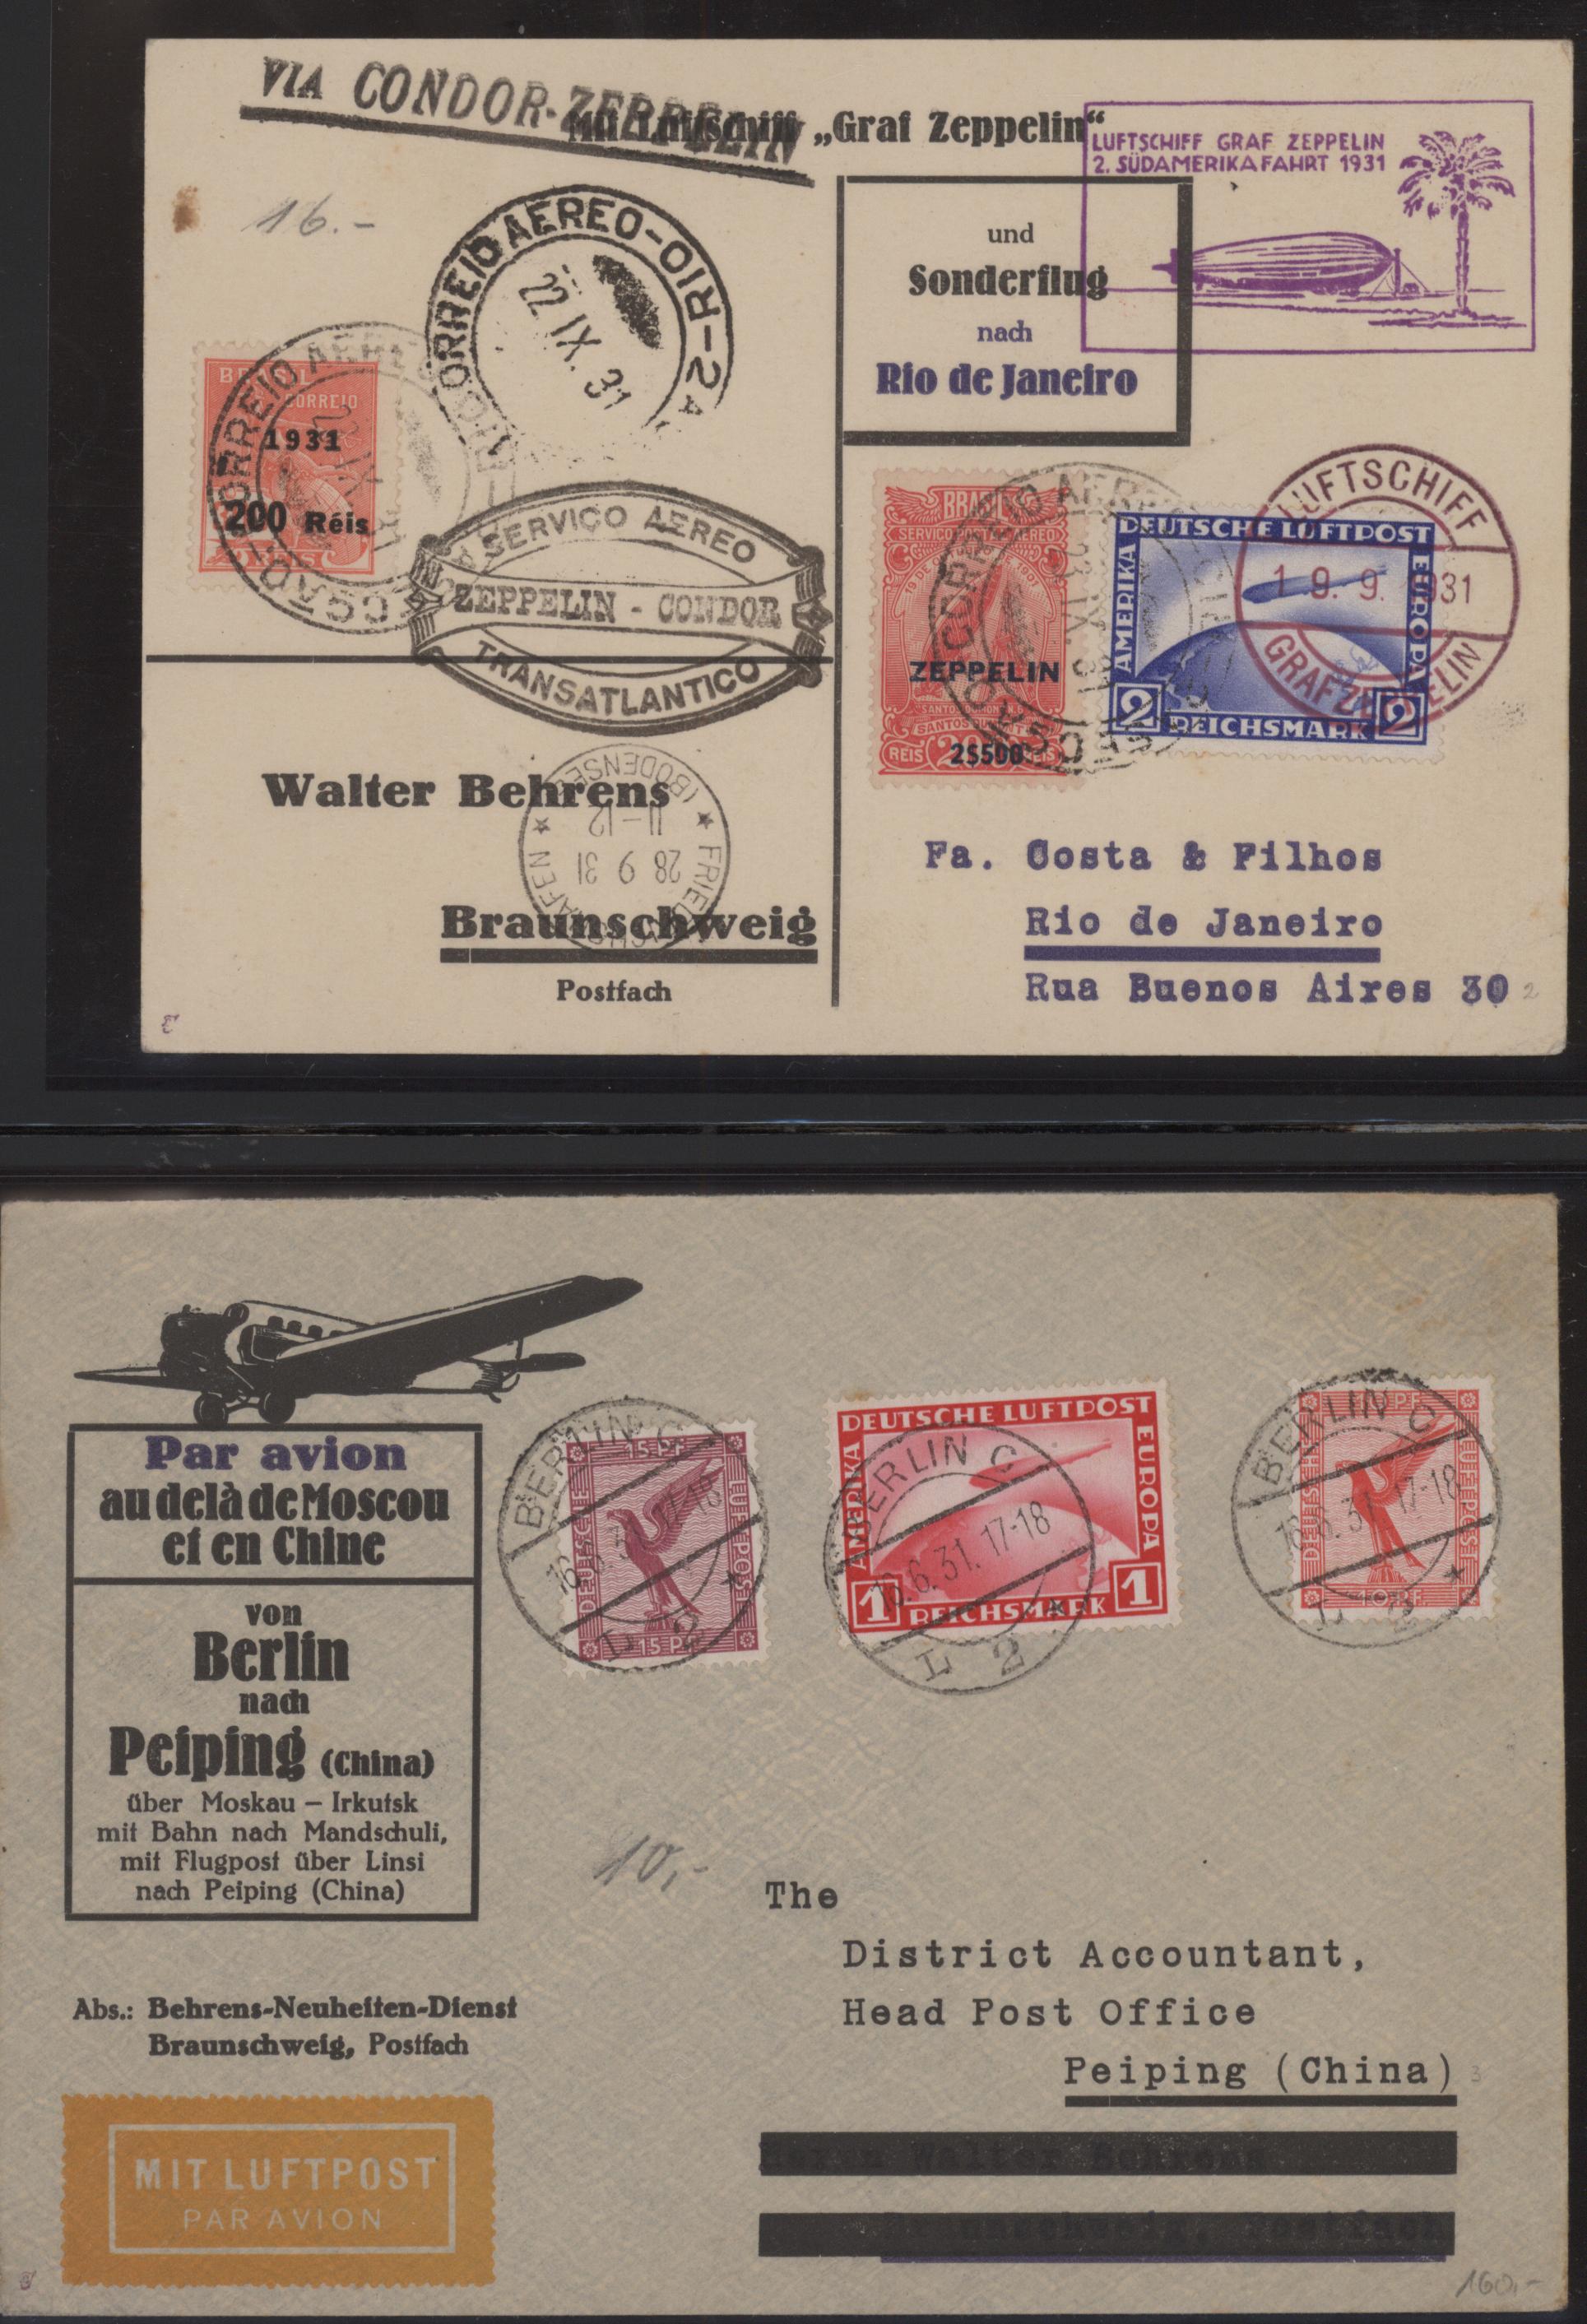 Lot 10425 - zeppelinpost deutschland  -  Auktionshaus Christoph Gärtner GmbH & Co. KG 51th Auction - Day 4